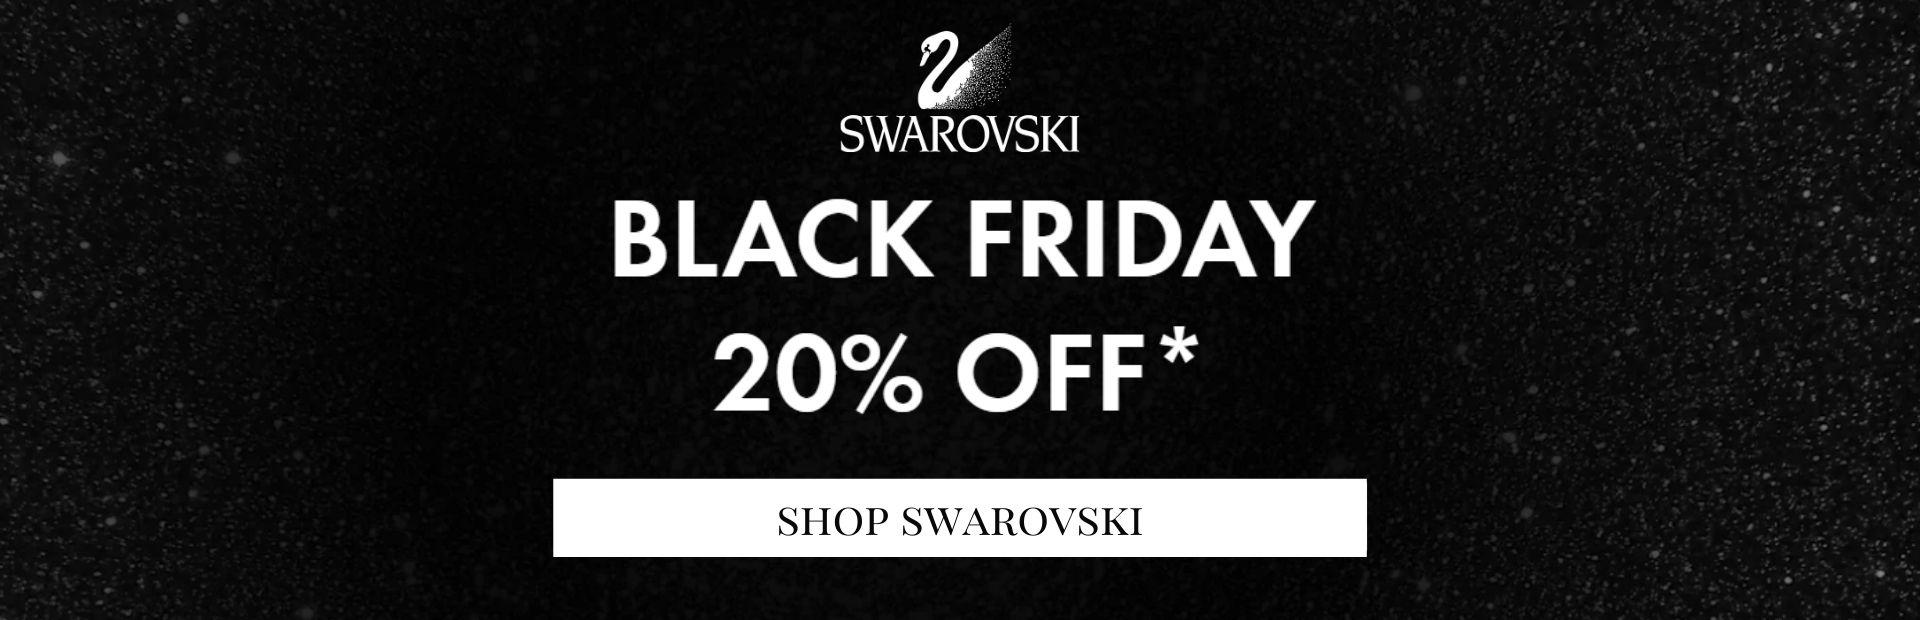 Swarovski Black Friday